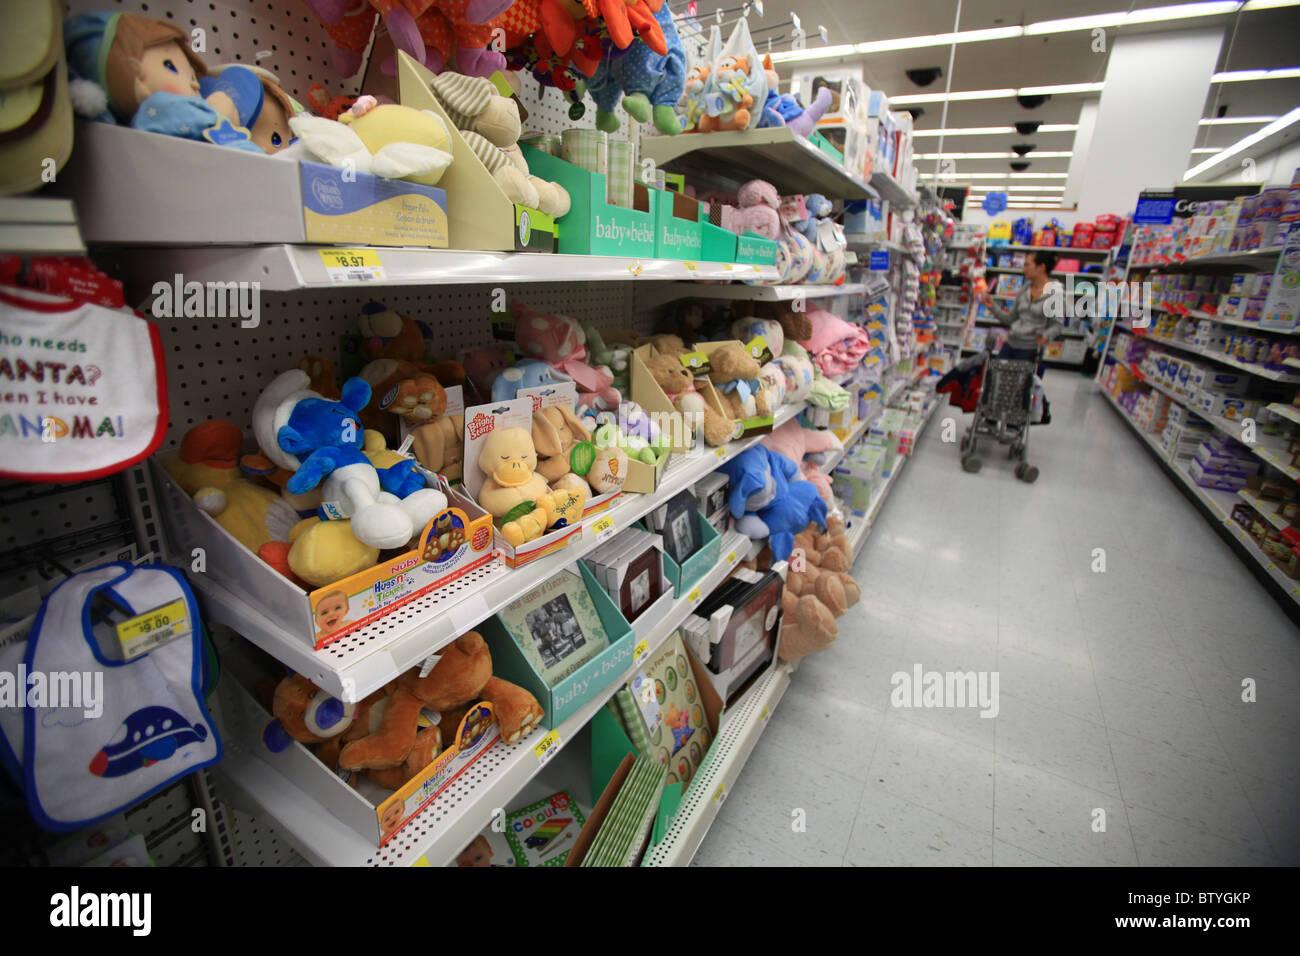 Walmart Wal Mart Shopping Cart Stock Photos & Walmart Wal Mart ...